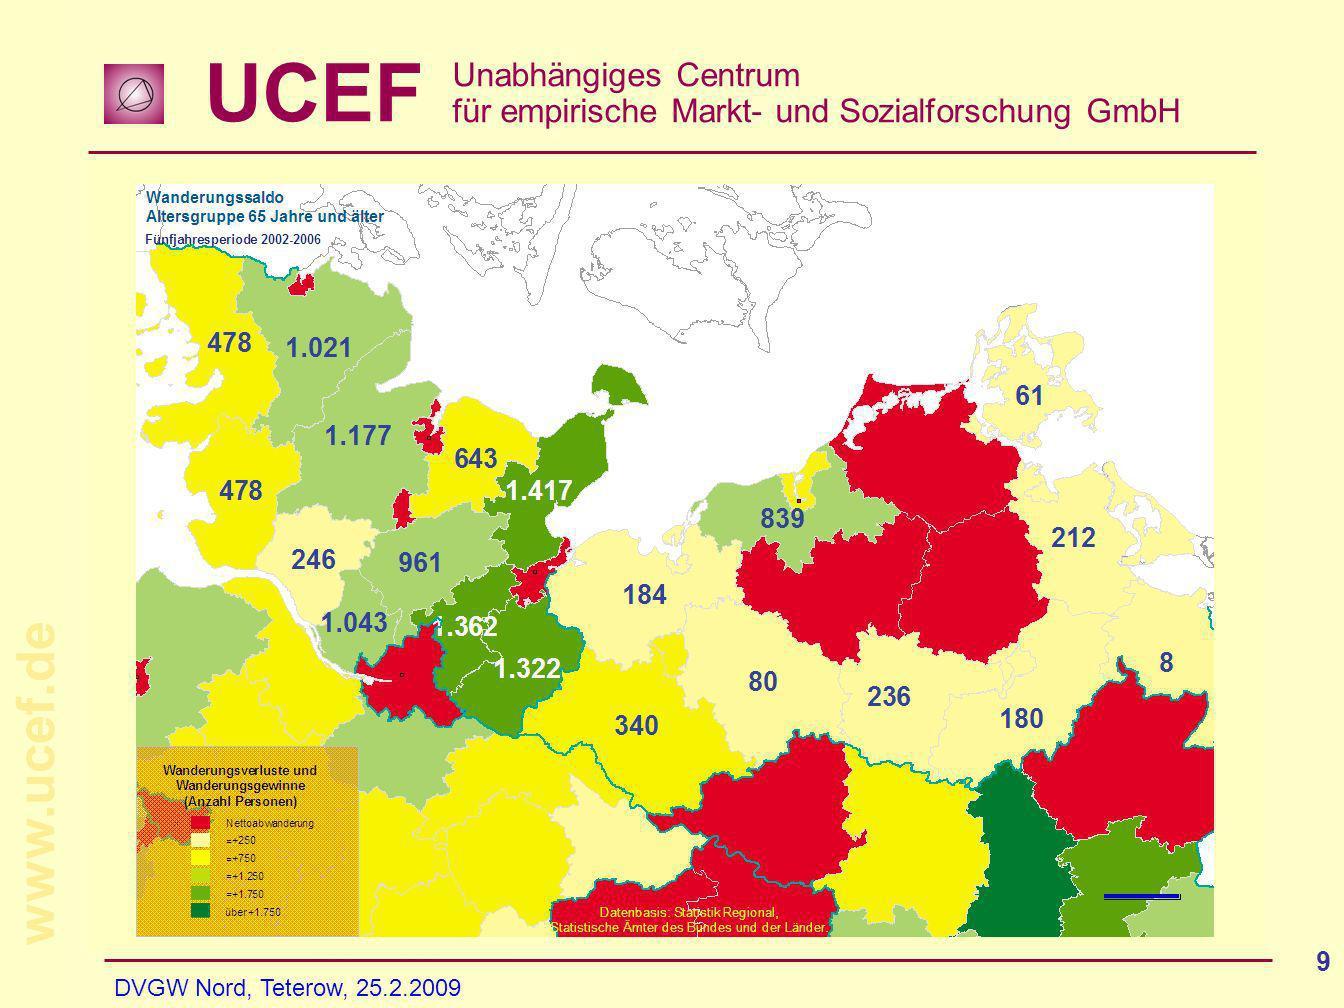 UCEF Unabhängiges Centrum für empirische Markt- und Sozialforschung GmbH www.ucef.de DVGW Nord, Teterow, 25.2.2009 20 Baugenehmigungen im ländlichen Raum - Landkreise Mecklenburg-Vorpommern 1995-2005 Datenbasis: Statistik Regional, Statistische Ämter des Bundes und der Länder.